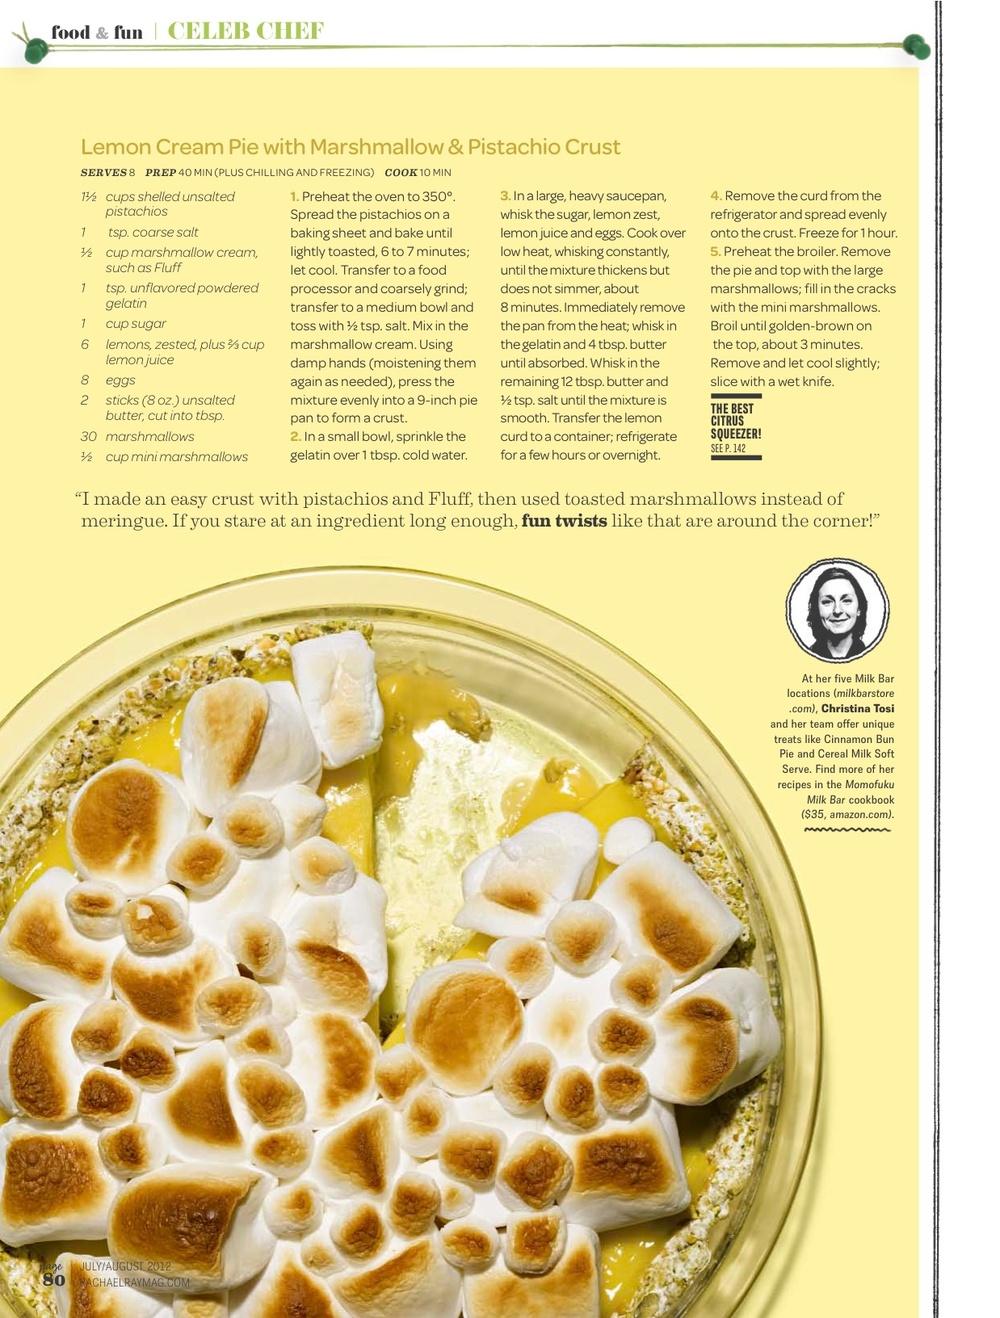 Marshmallow Madness_Tosi_page3_jpeg.jpg